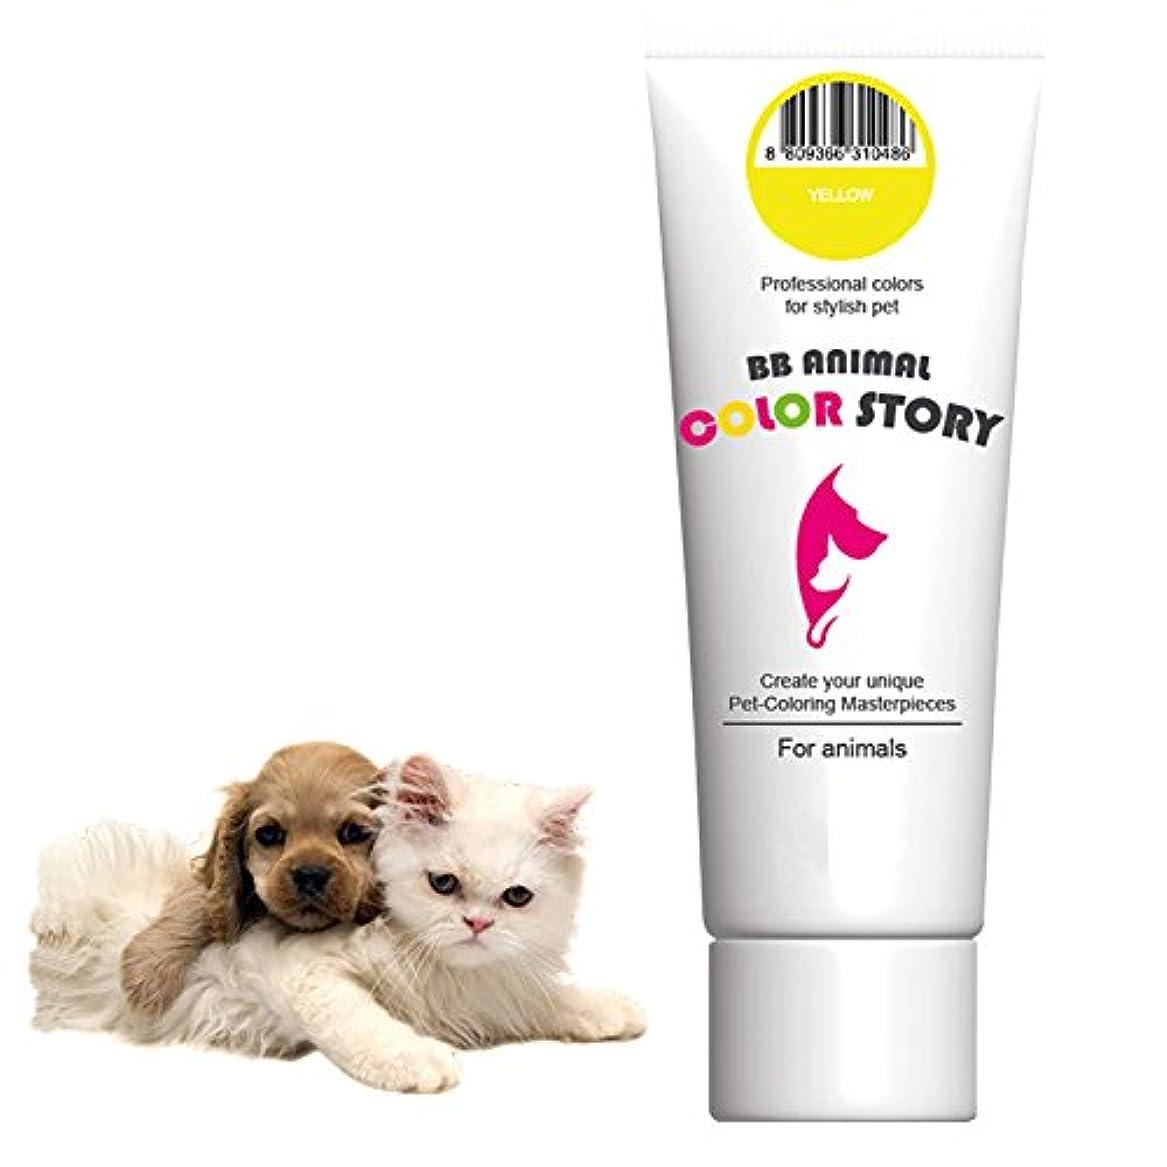 お風呂を持っているモータースタイル毛染め, 犬ヘアダイ Yellow カラーリング Dog Hair Hair Bleach Dye Hair Coloring Professional Colors for Stylish Pet 50ml 並行輸入